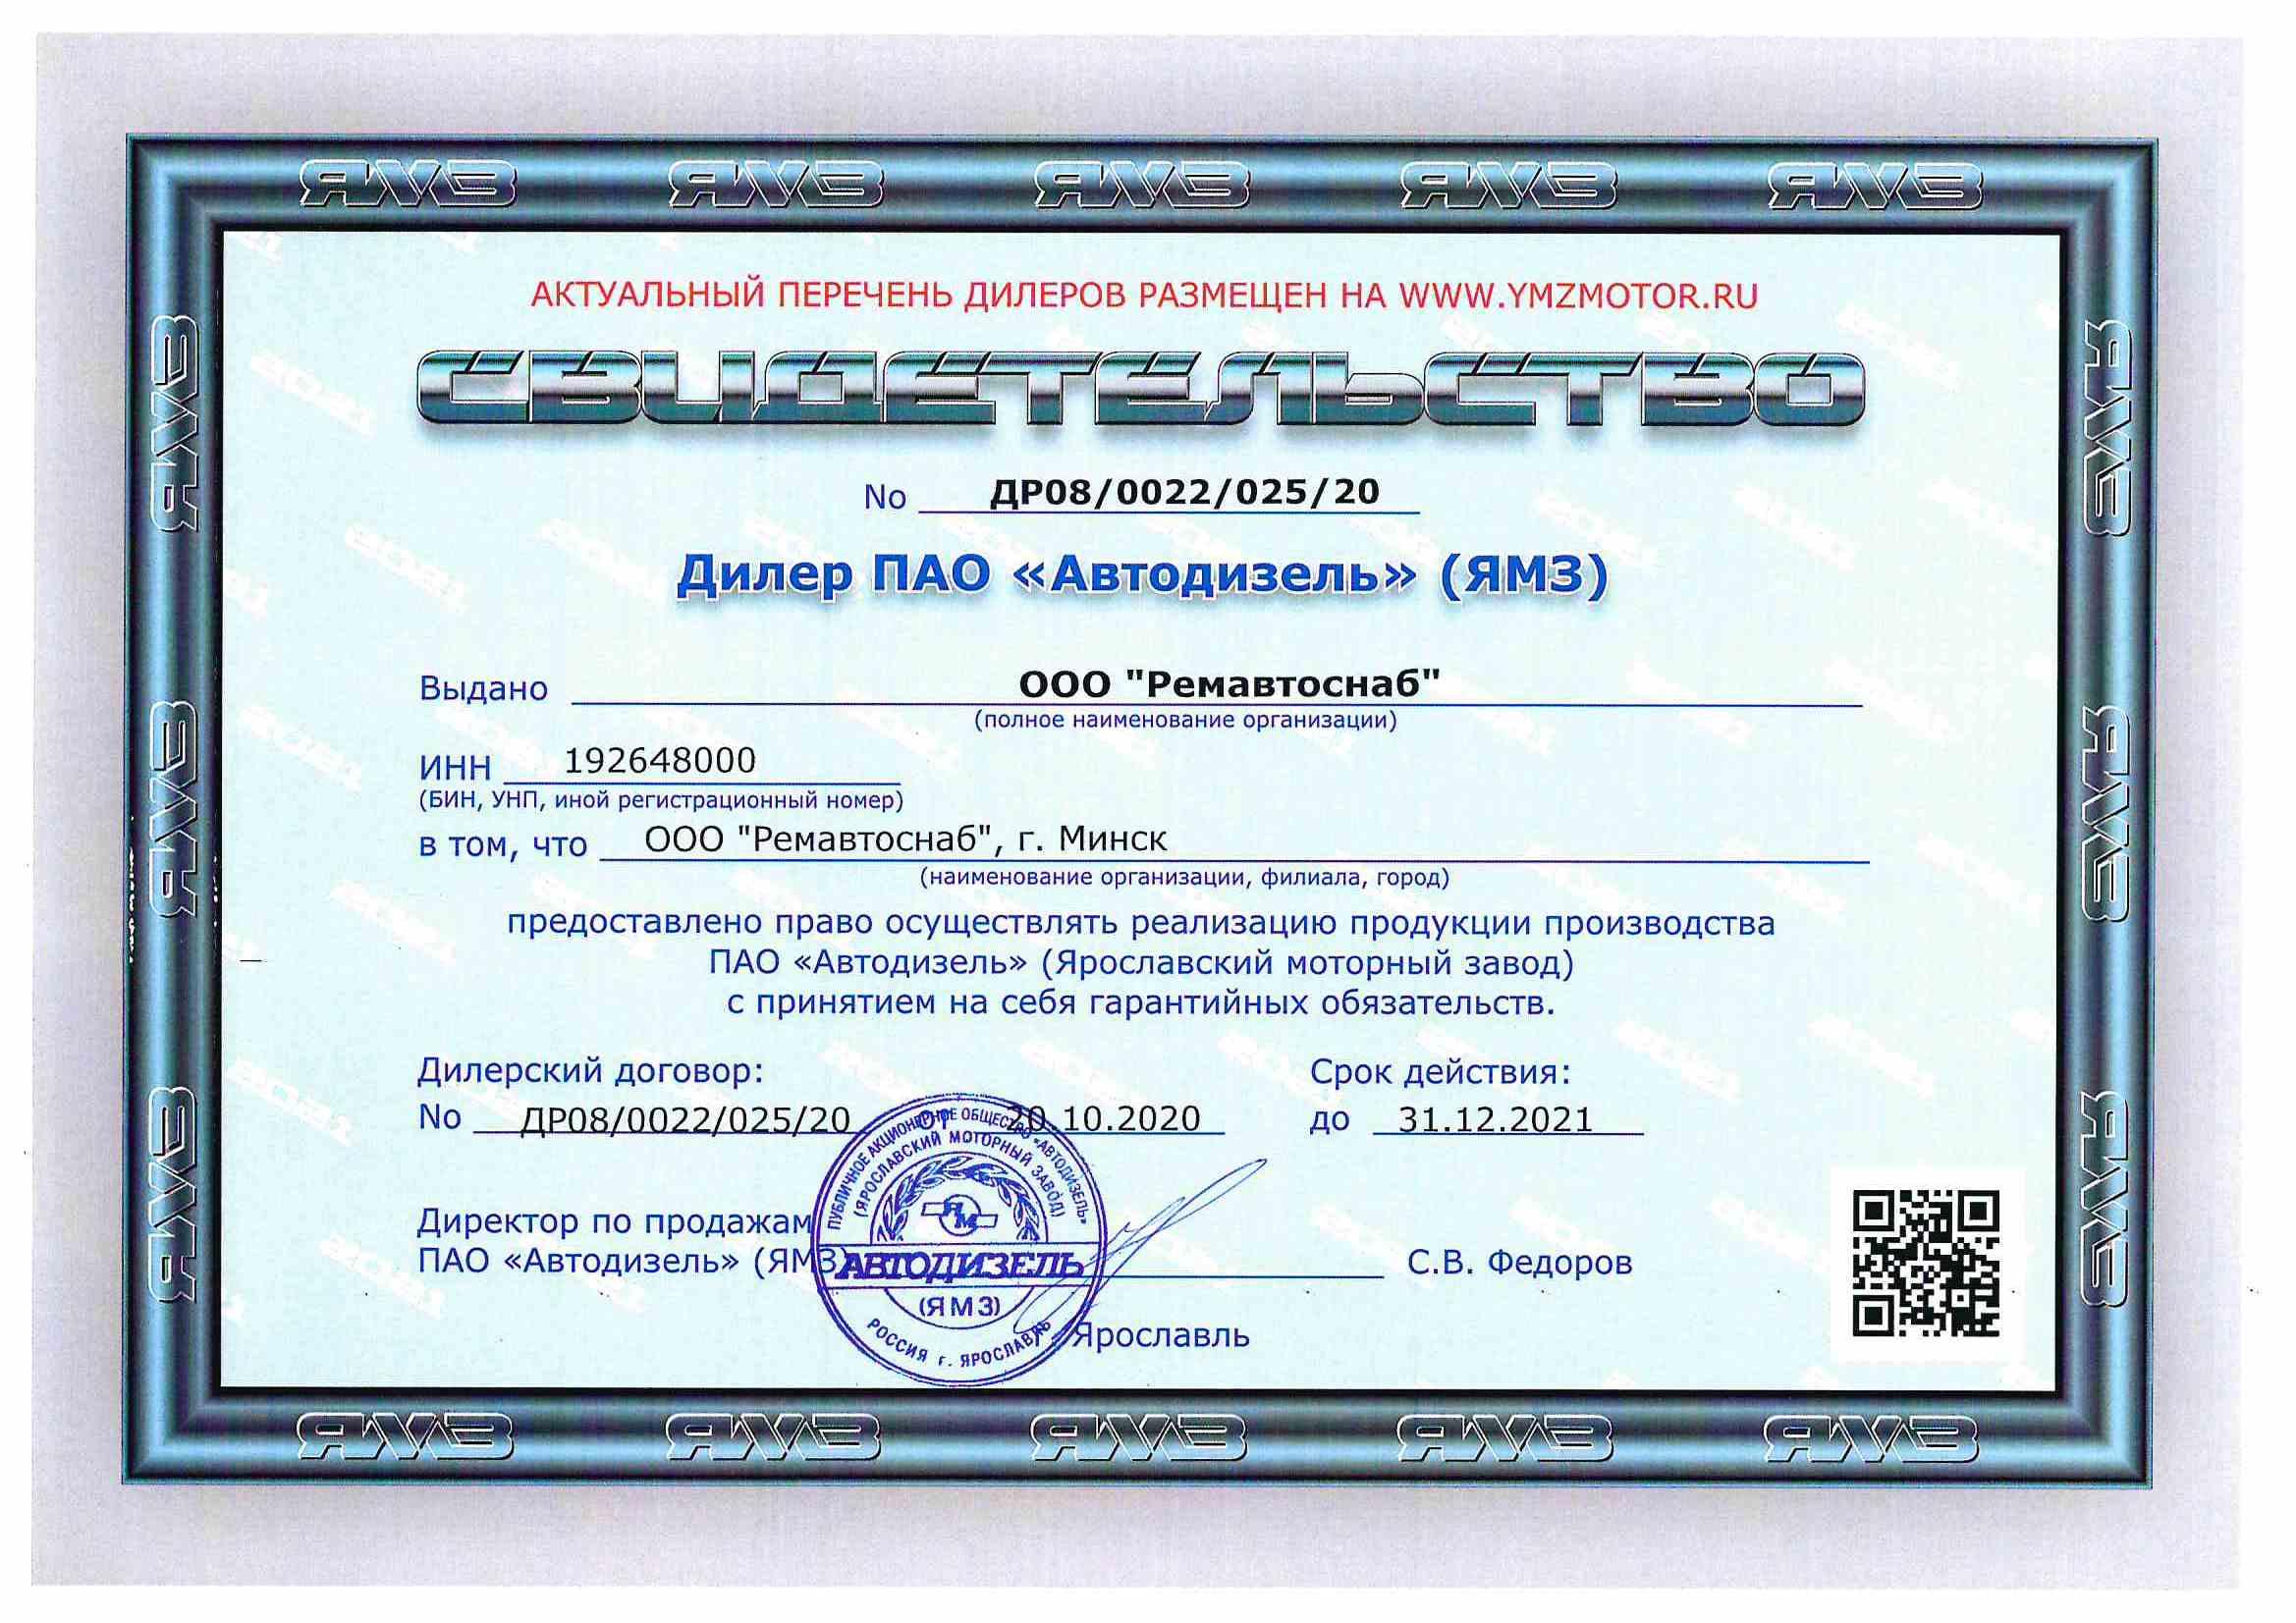 Дилер ПАО «Автодизель» ЯМЗ